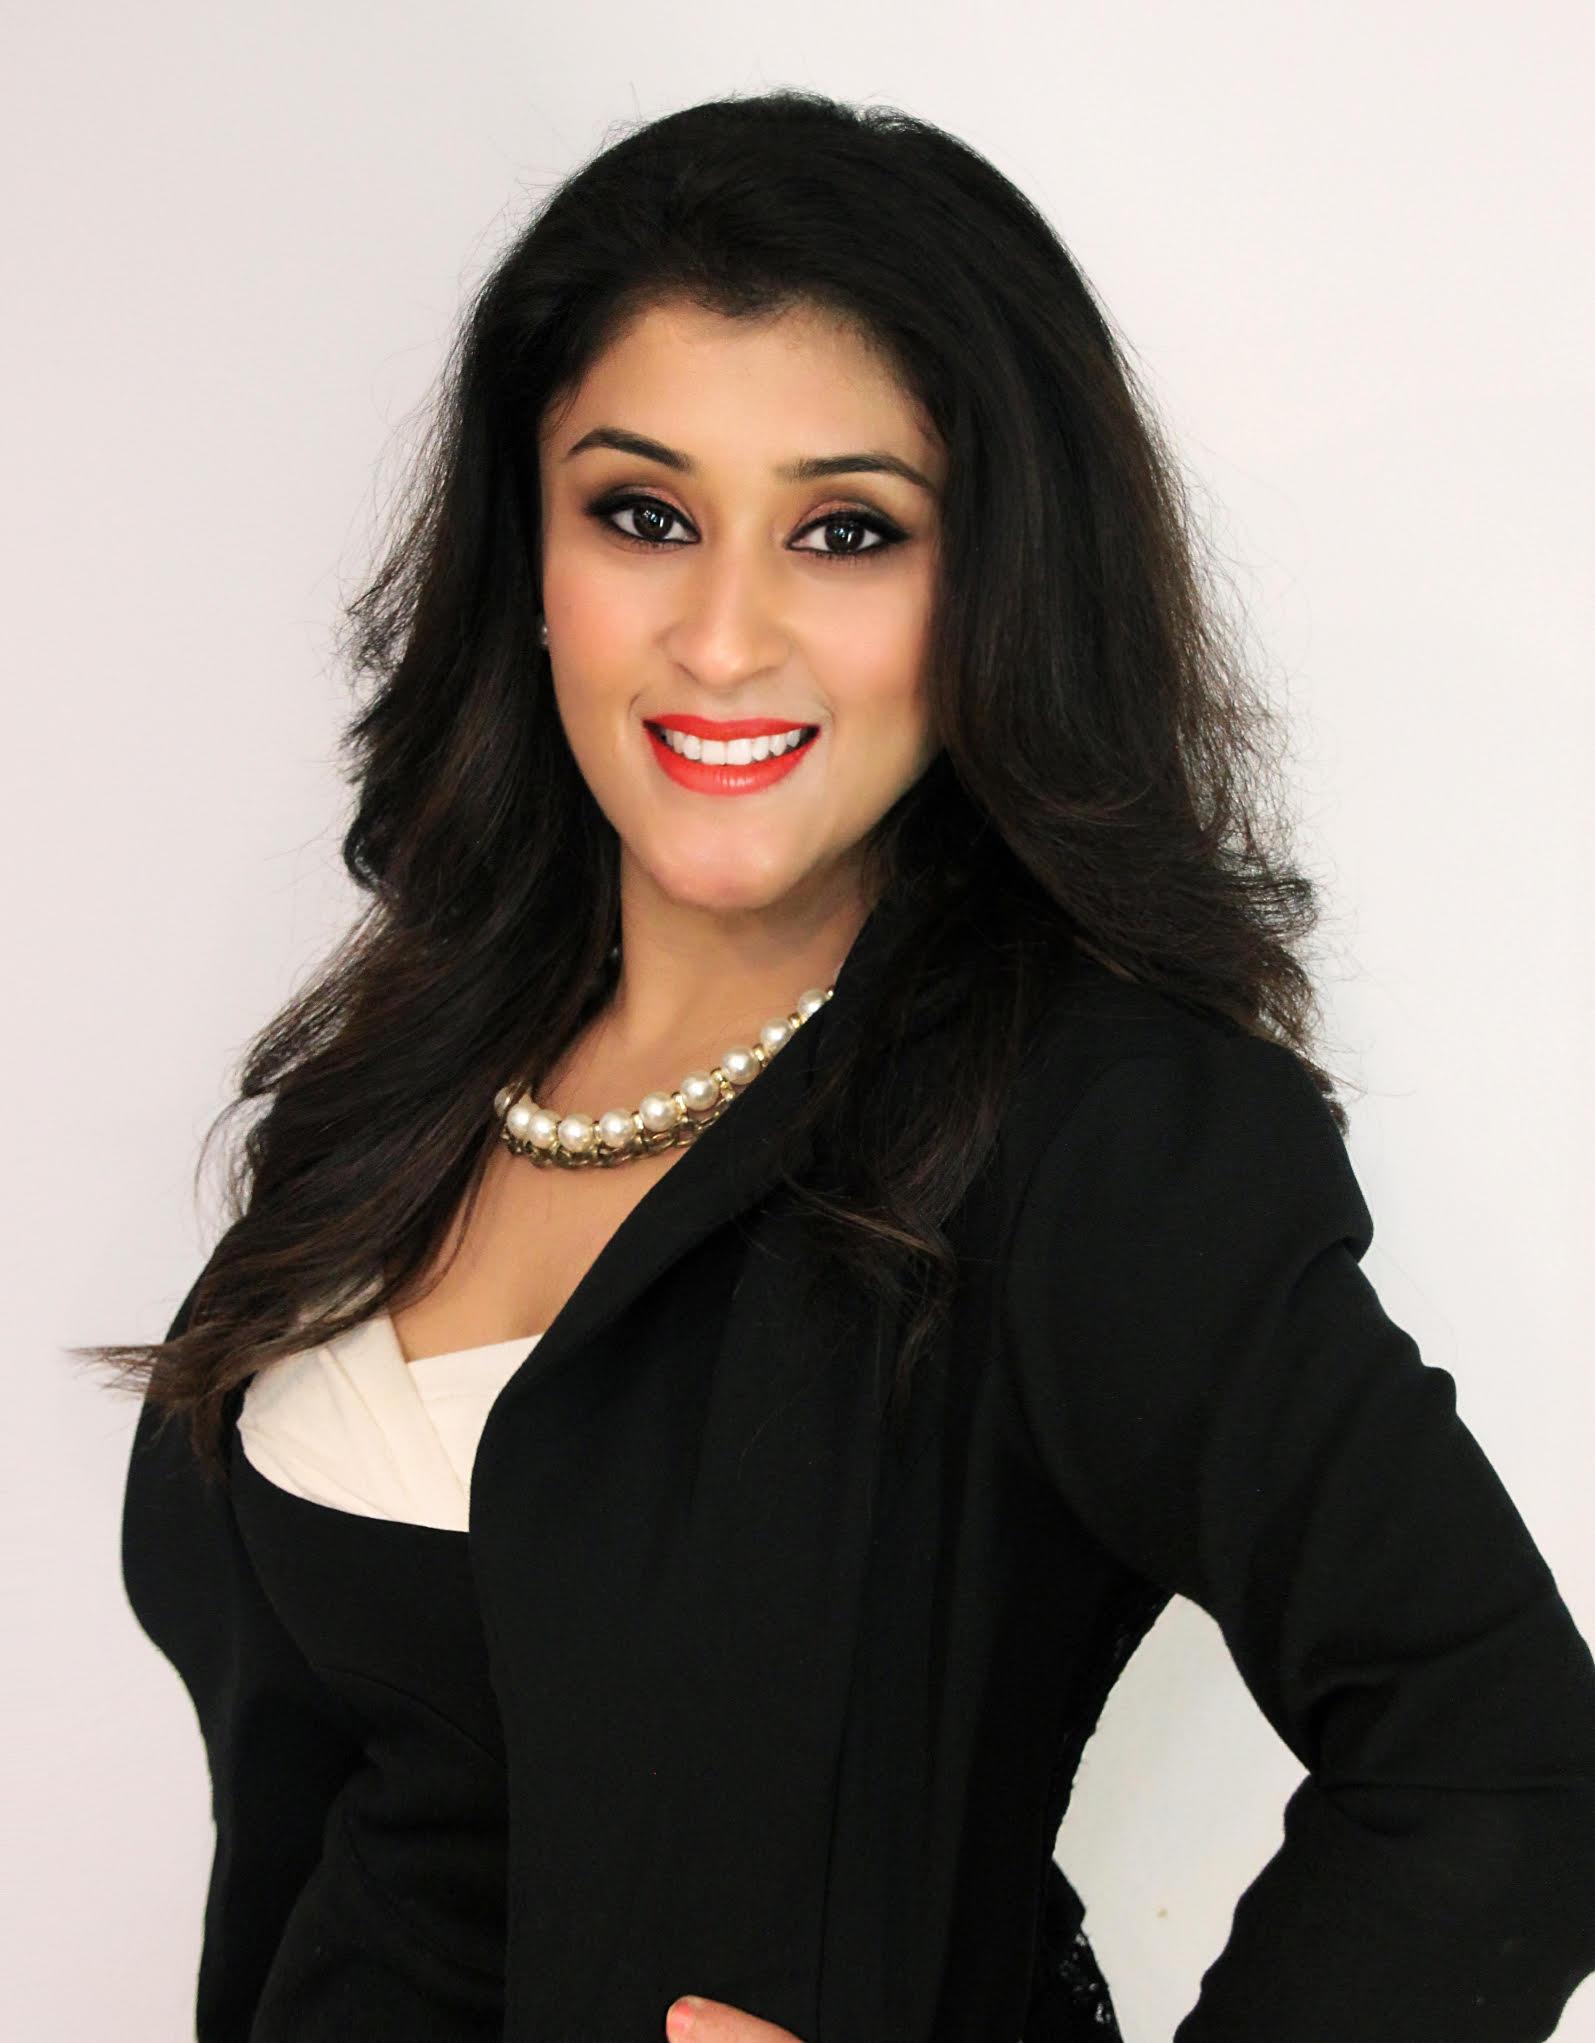 Neha undefined Sharma